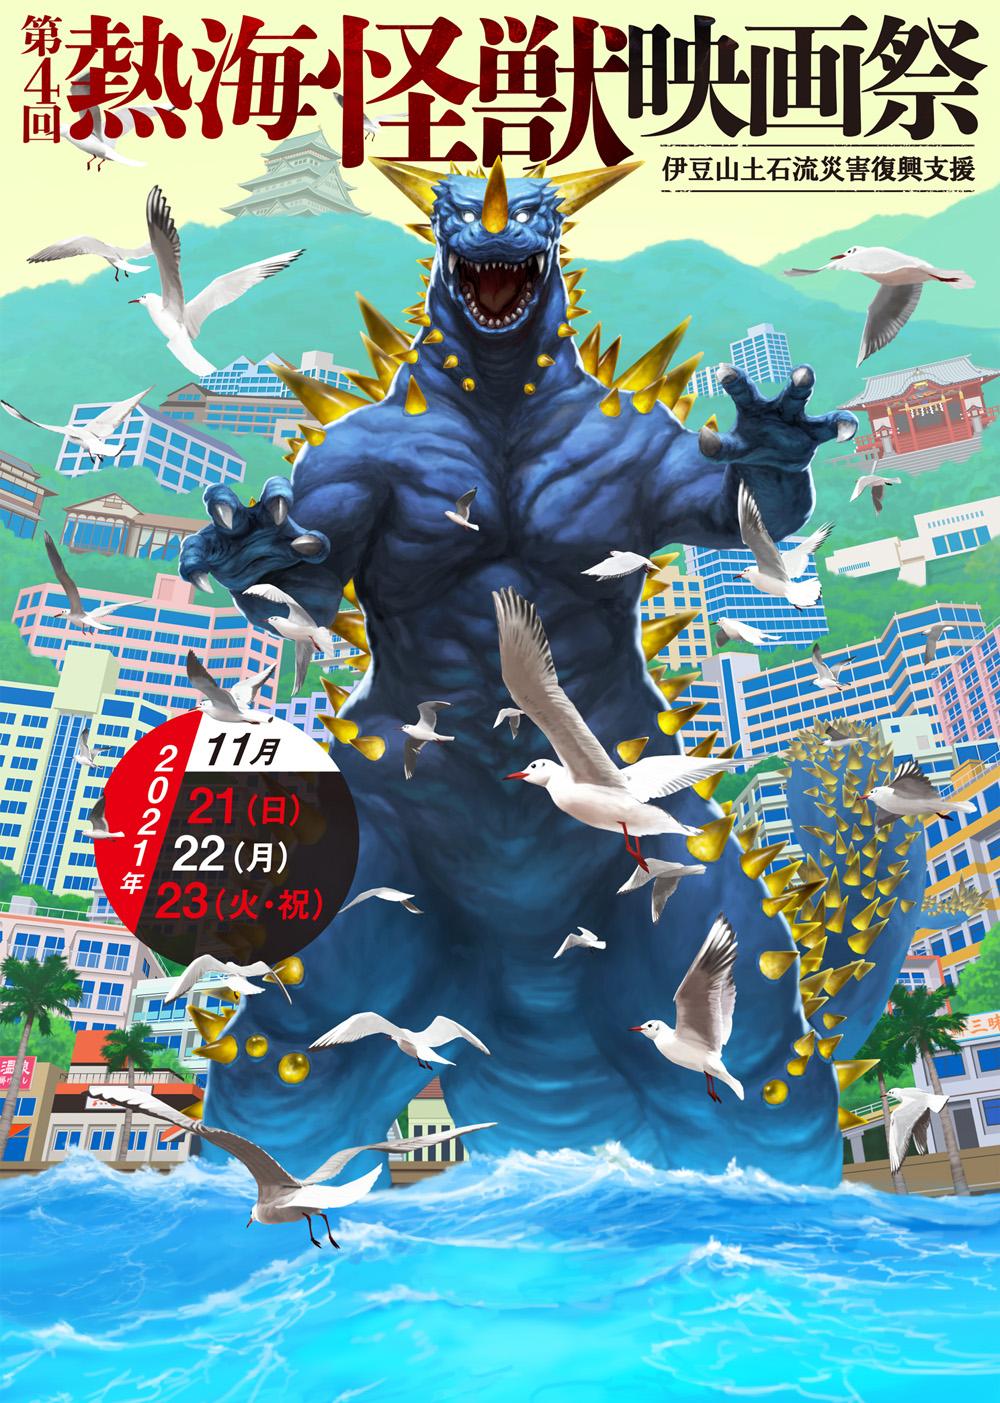 第4回熱海怪獣映画祭